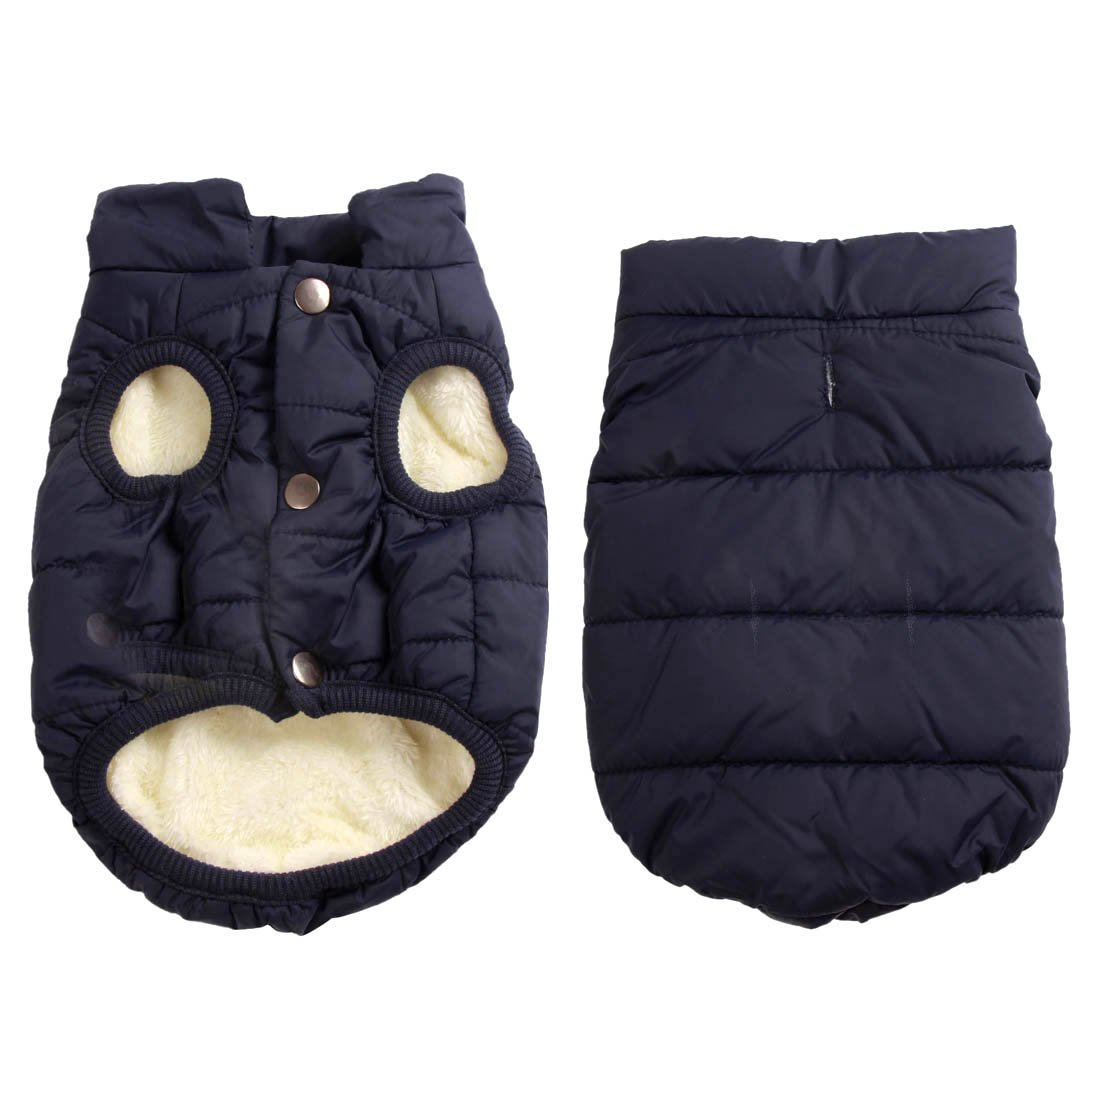 Muy c/álida JoyDaog Chaqueta de Forro Polar para Perro 2 Capas Resistente al Viento para Invierno y Clima fr/ío para Perros Extra Suave